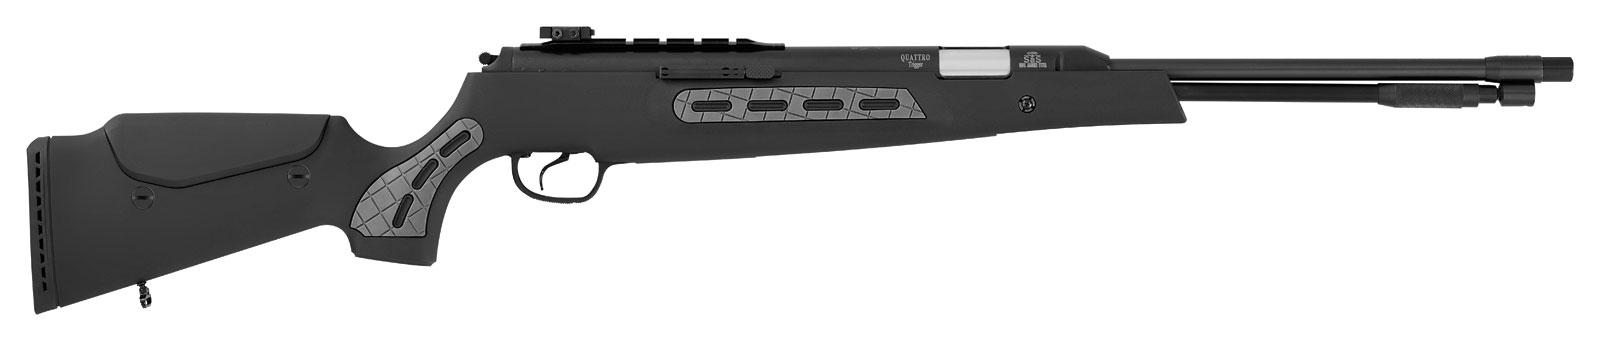 Dominator 200S Carbine